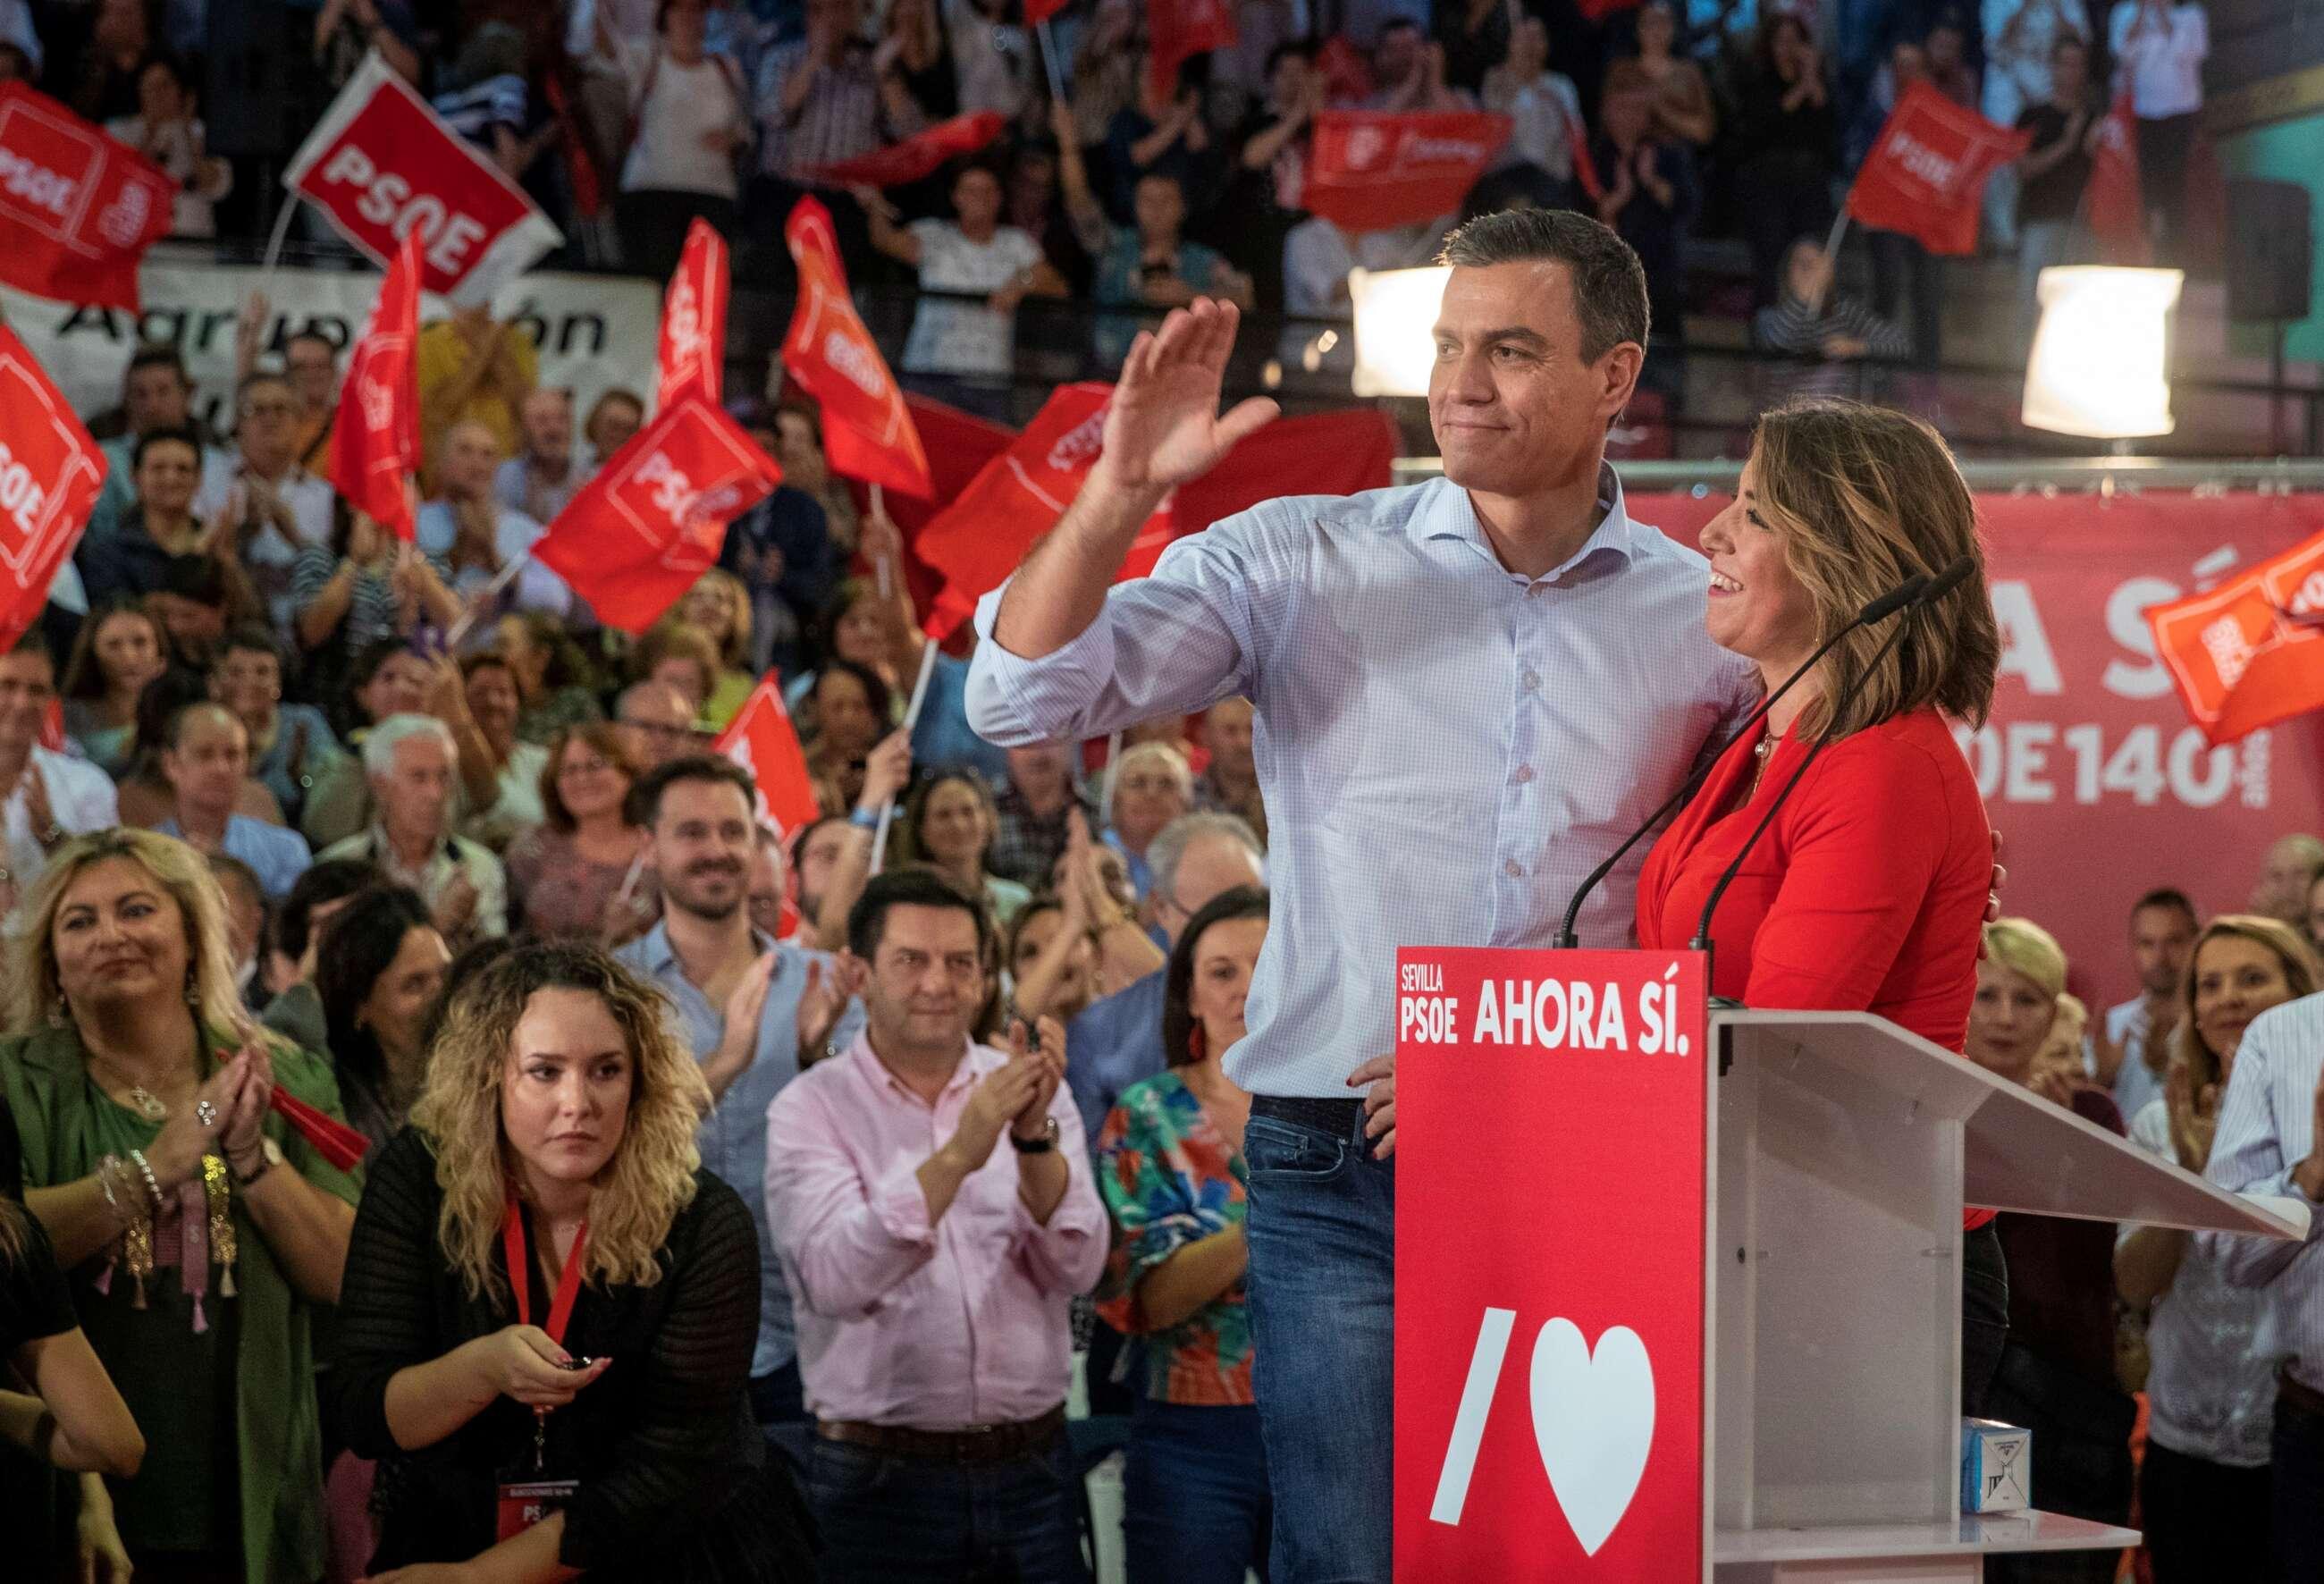 Pedro Sánchez y Susana Díaz durante la campaña electoral del 9-N en Sevilla. EFE